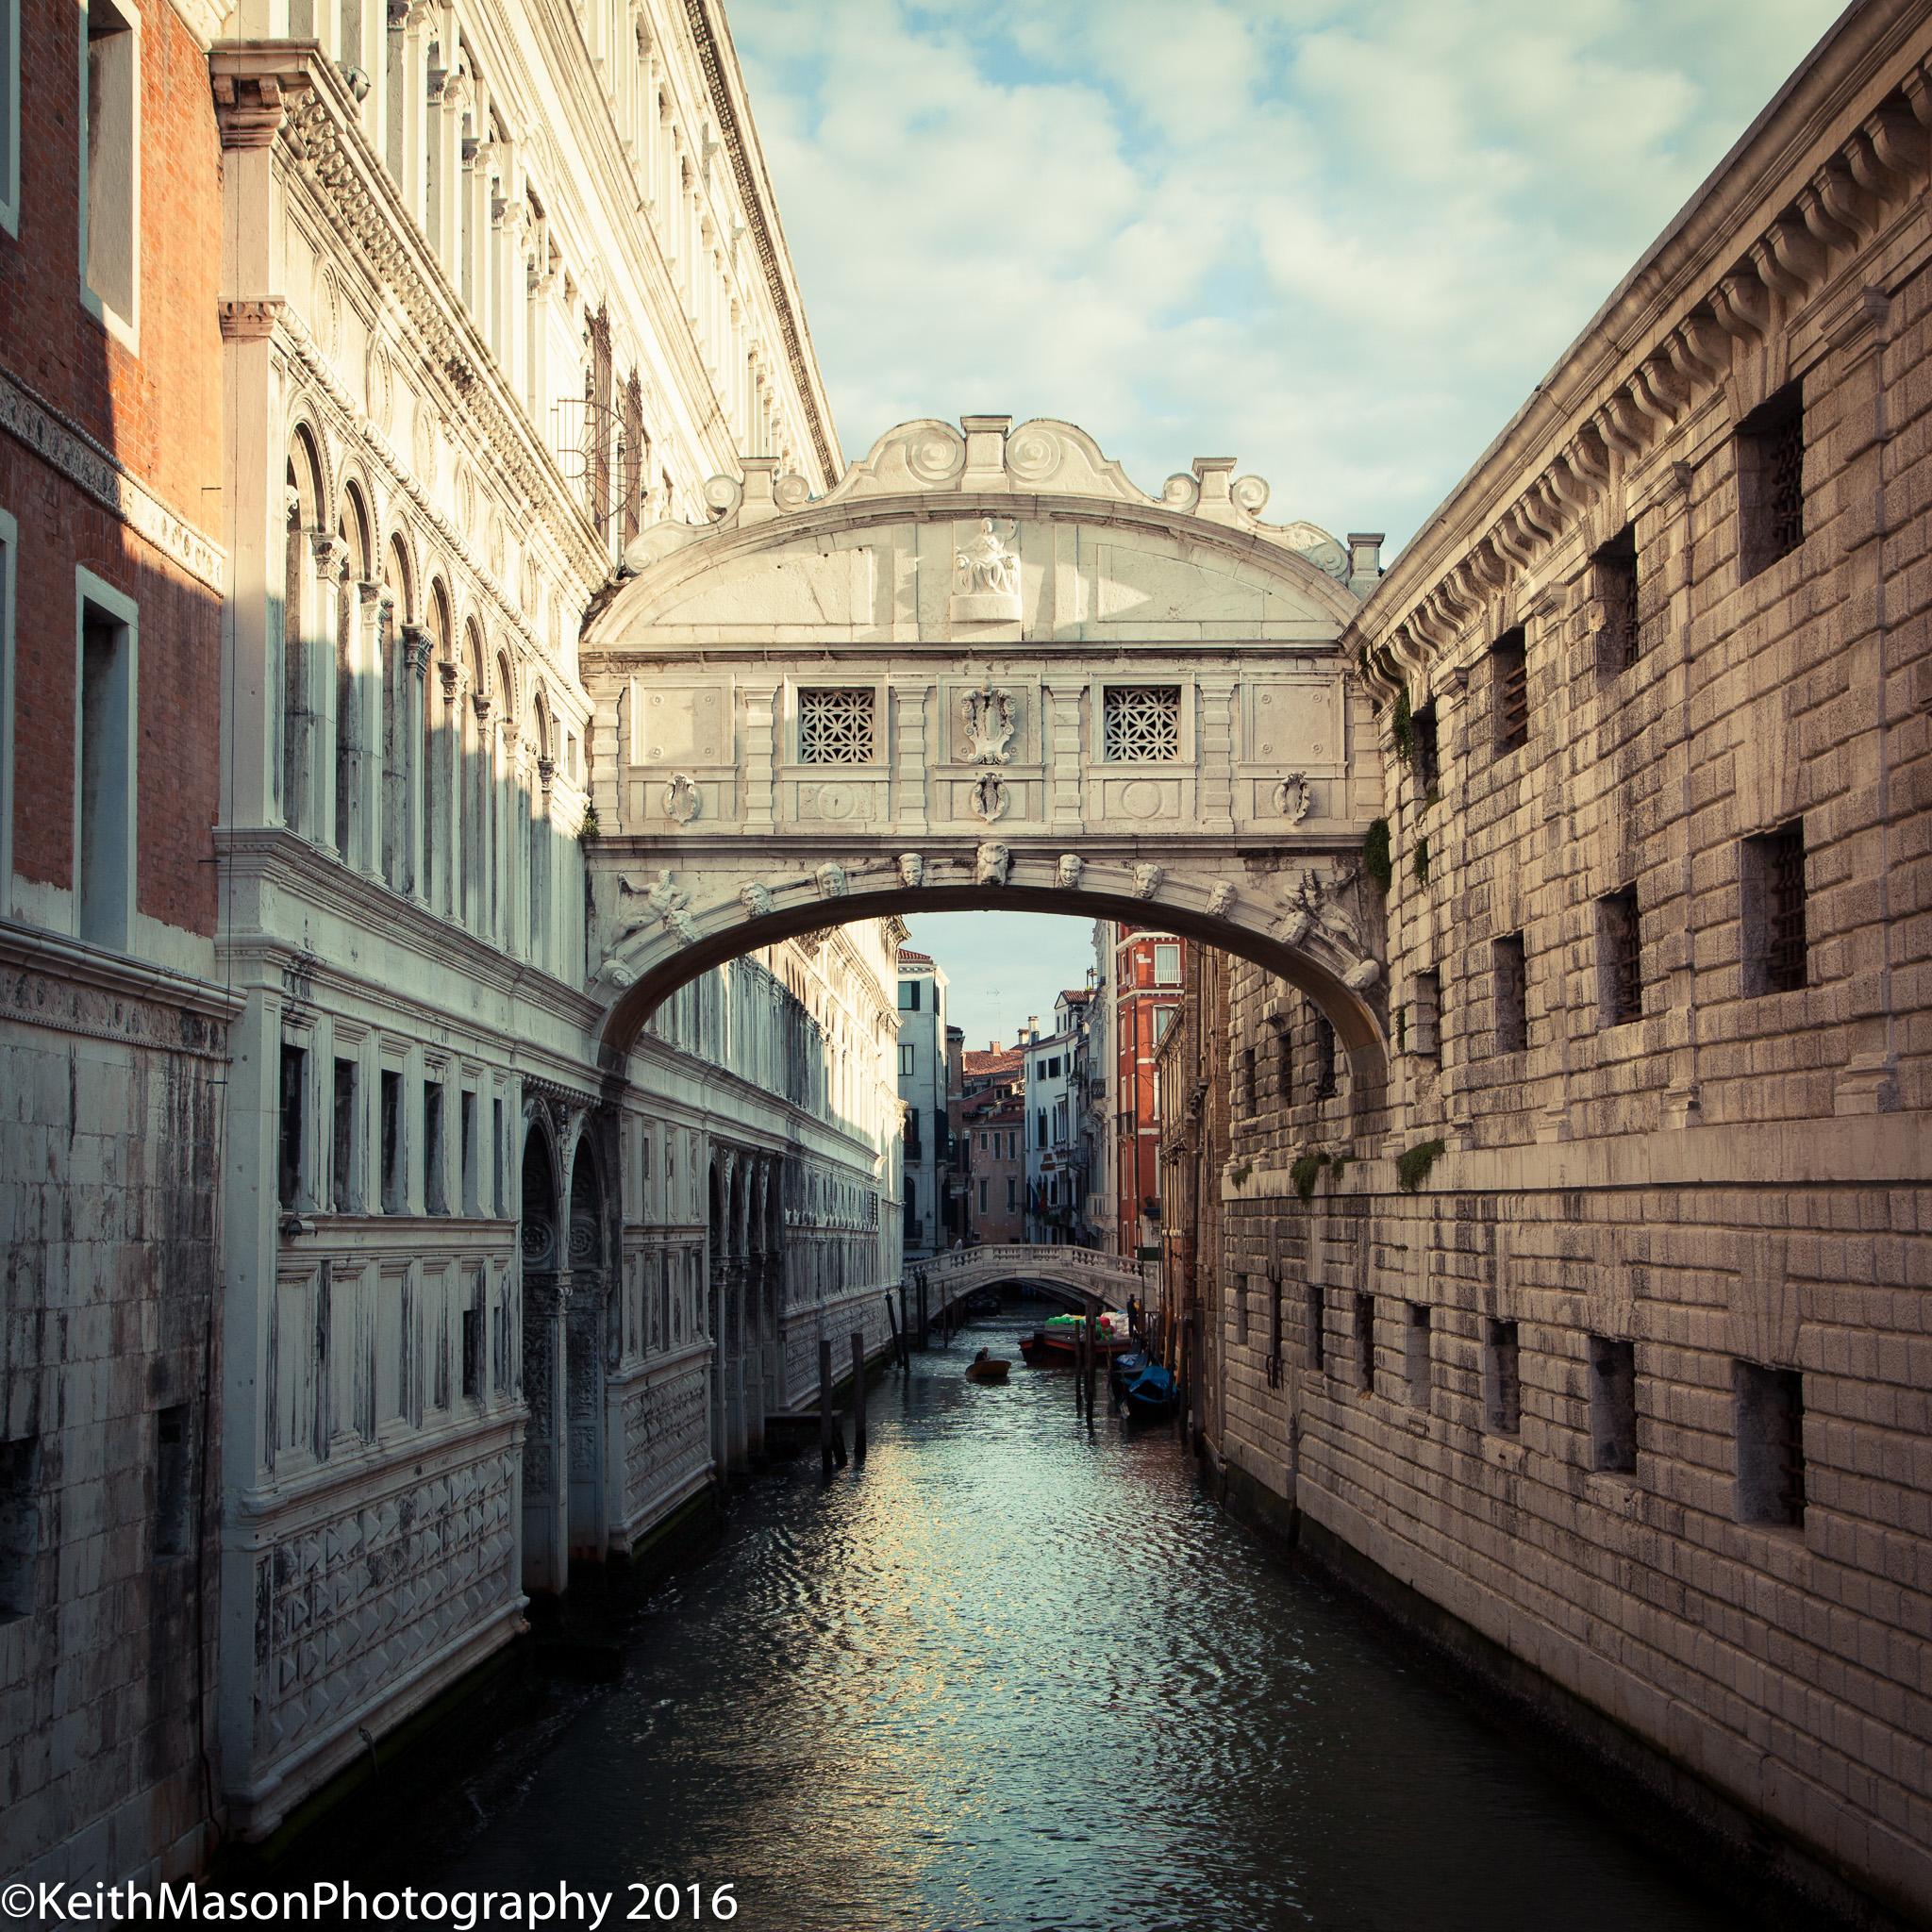 bridge-of-sighs-venice_26469280343_o